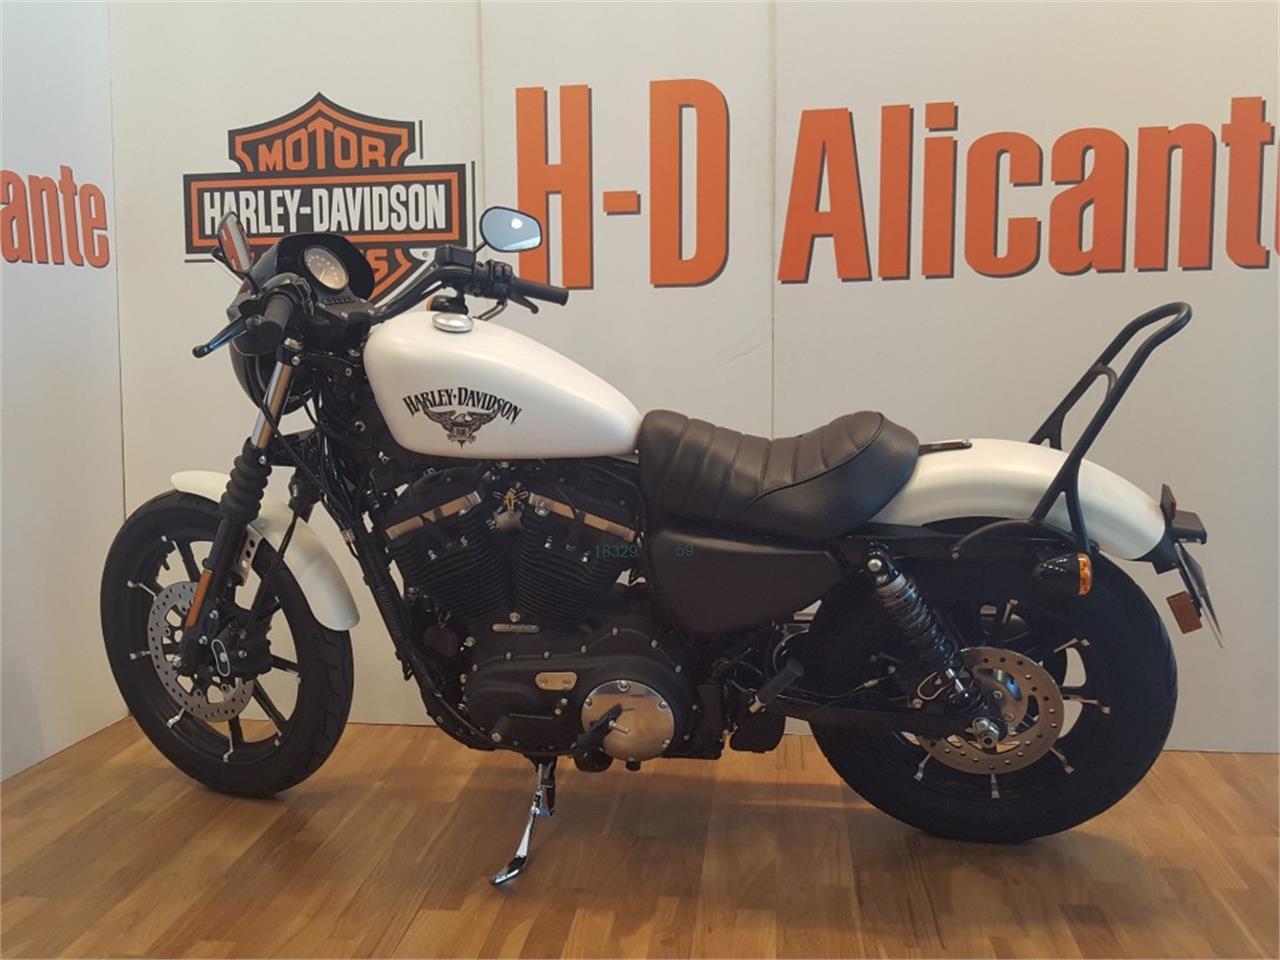 HARLEY DAVIDSON Sportster 883 Iron_3 de venta en Alicante